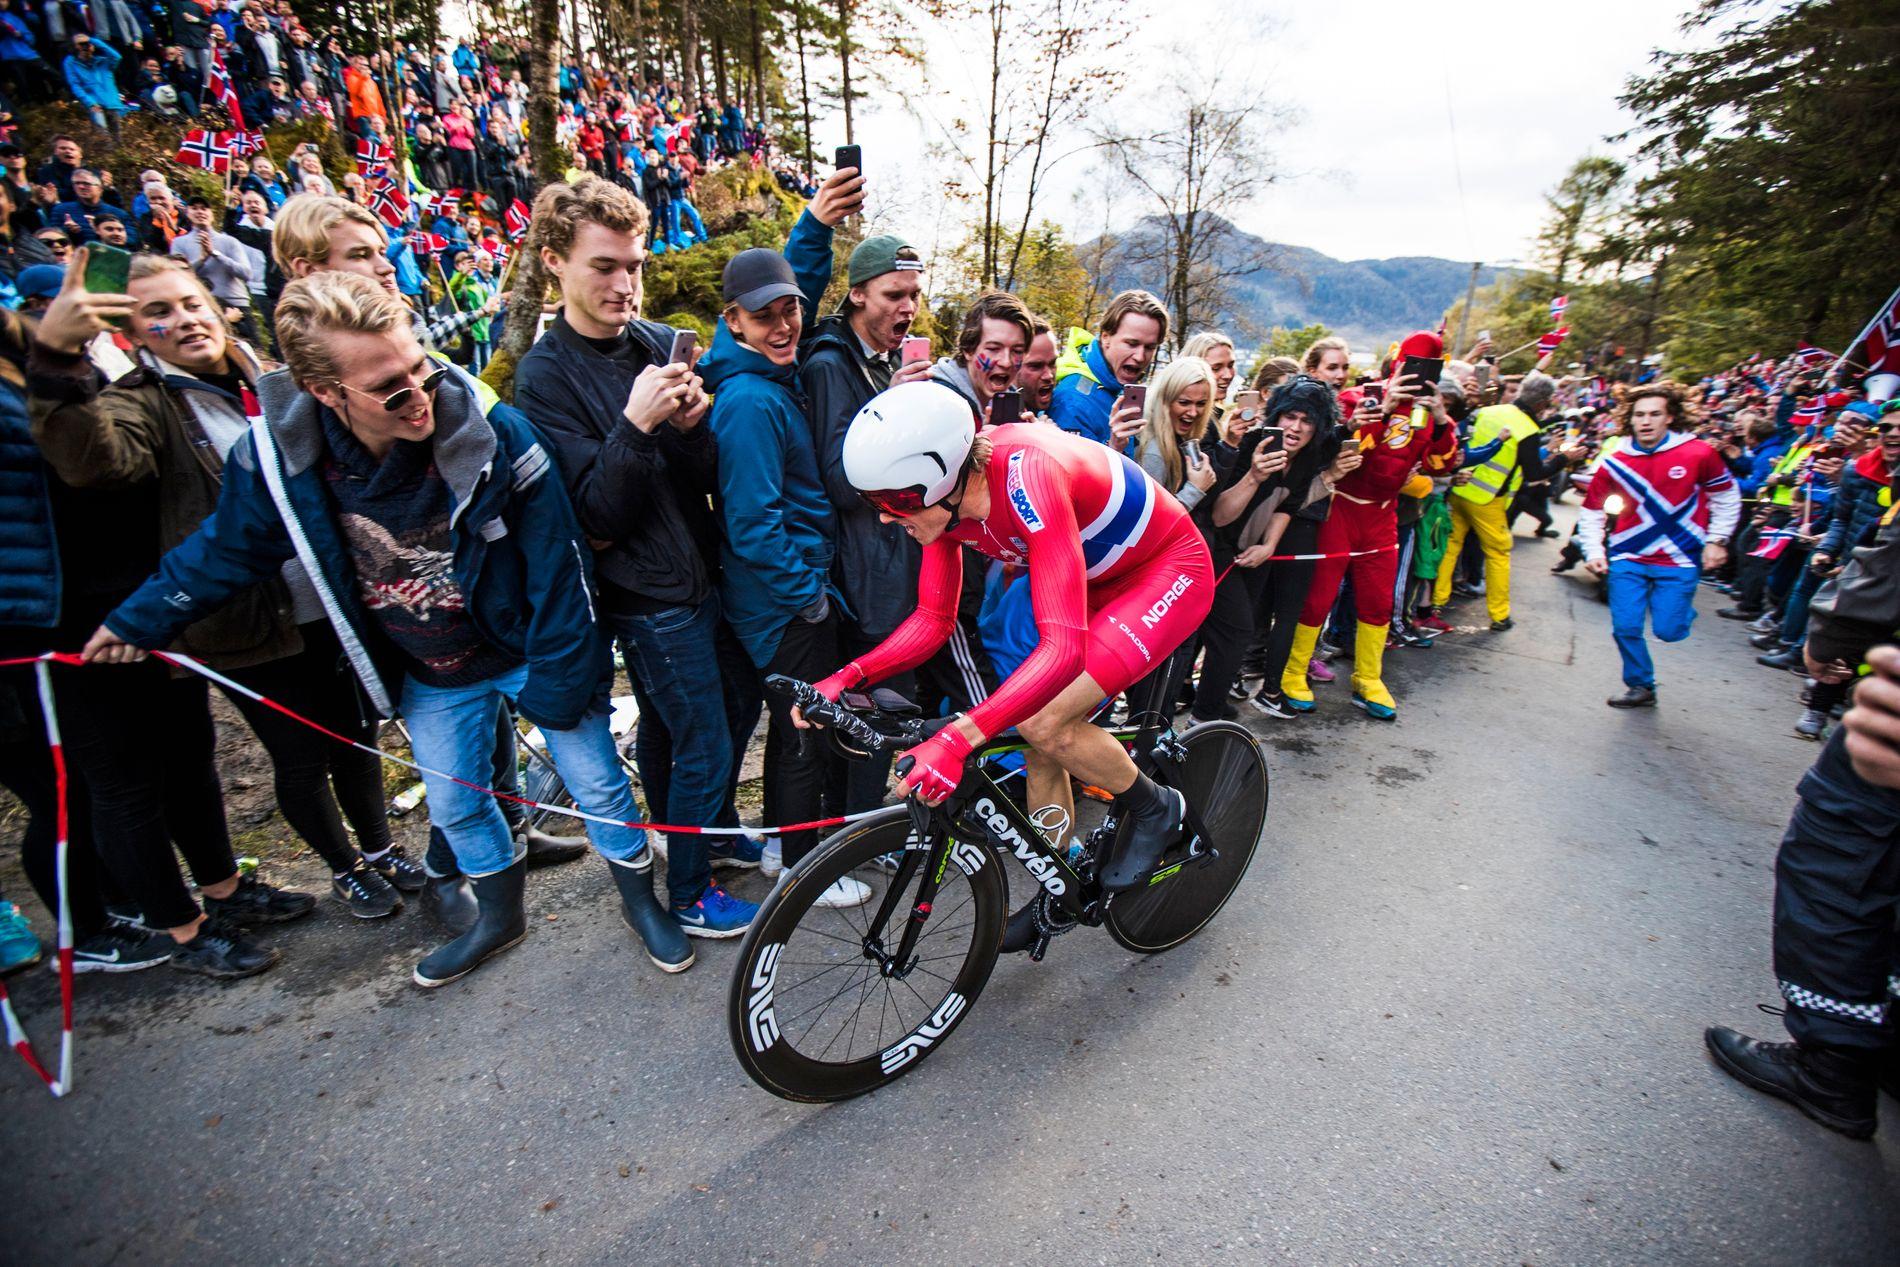 FOLKEFEST: Men etter den søte kløe, kom den vonde svie. Her er Edvald Boasson Hagen i gang på tempoen under mesterskapet høsten 2017.